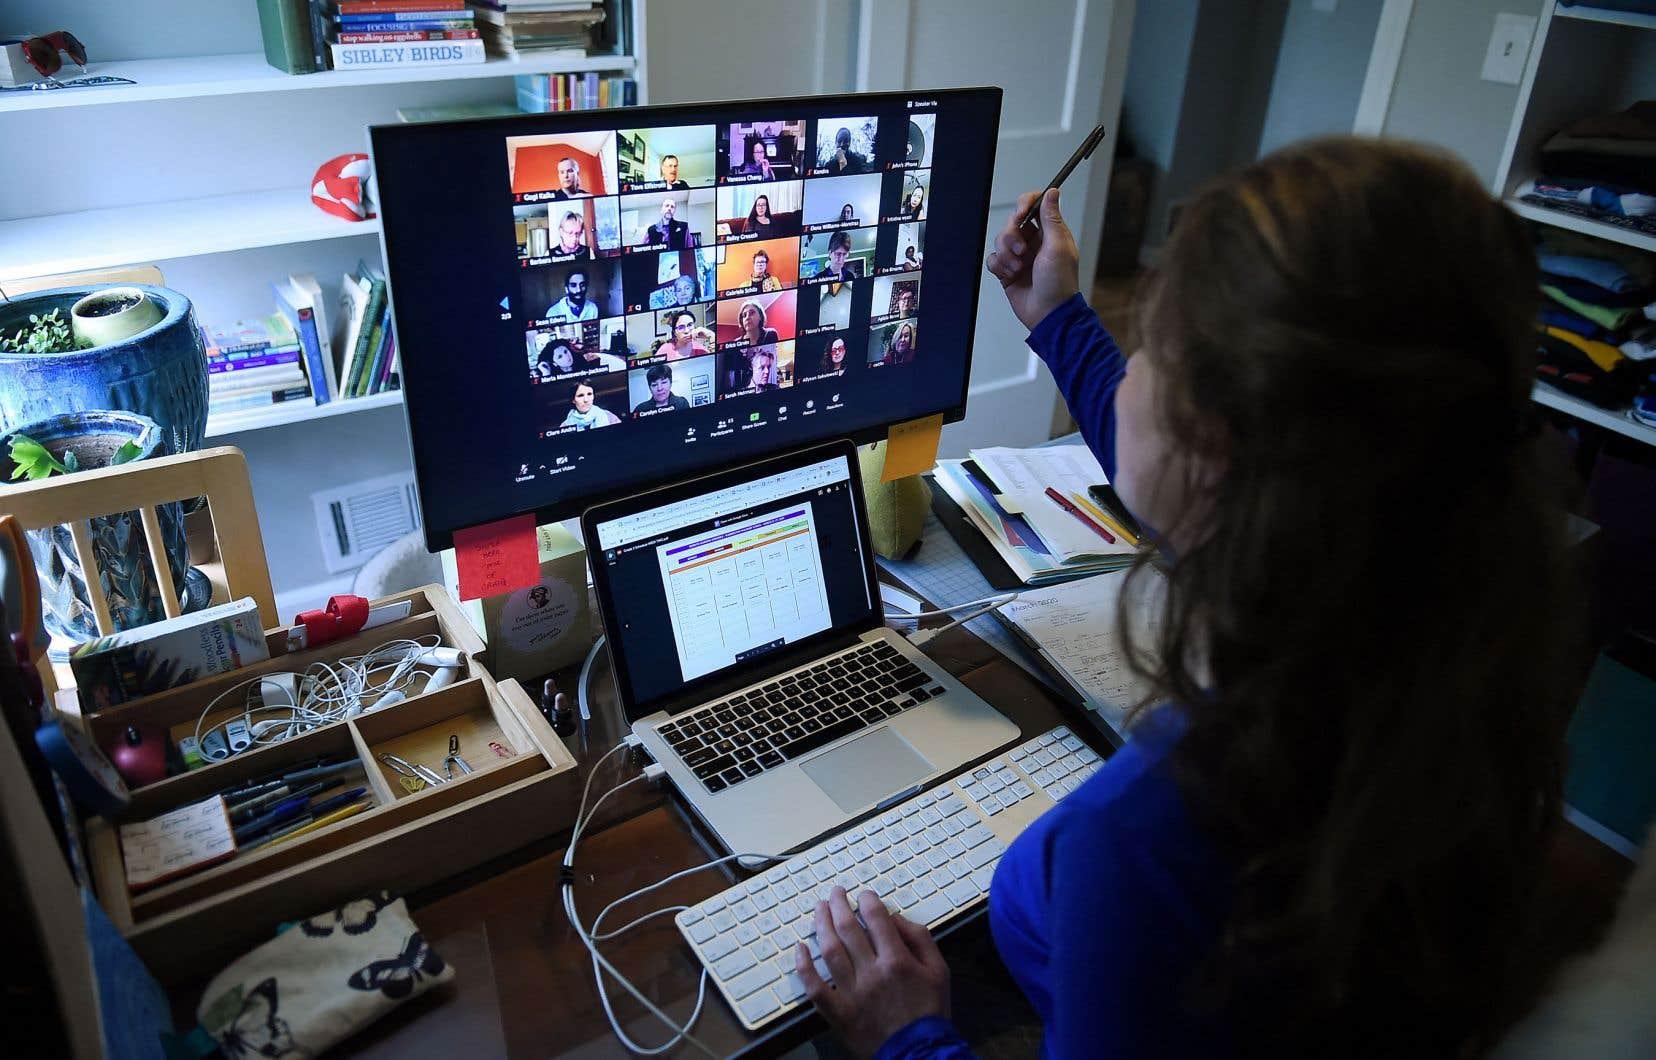 «Il y a 75 écrans dans mon écran, 76 avec moi. Certains sont habités par une personne, une photo, un dessin. D'autres par un fond noir avec un nom en marquise», écrit l'auteur.